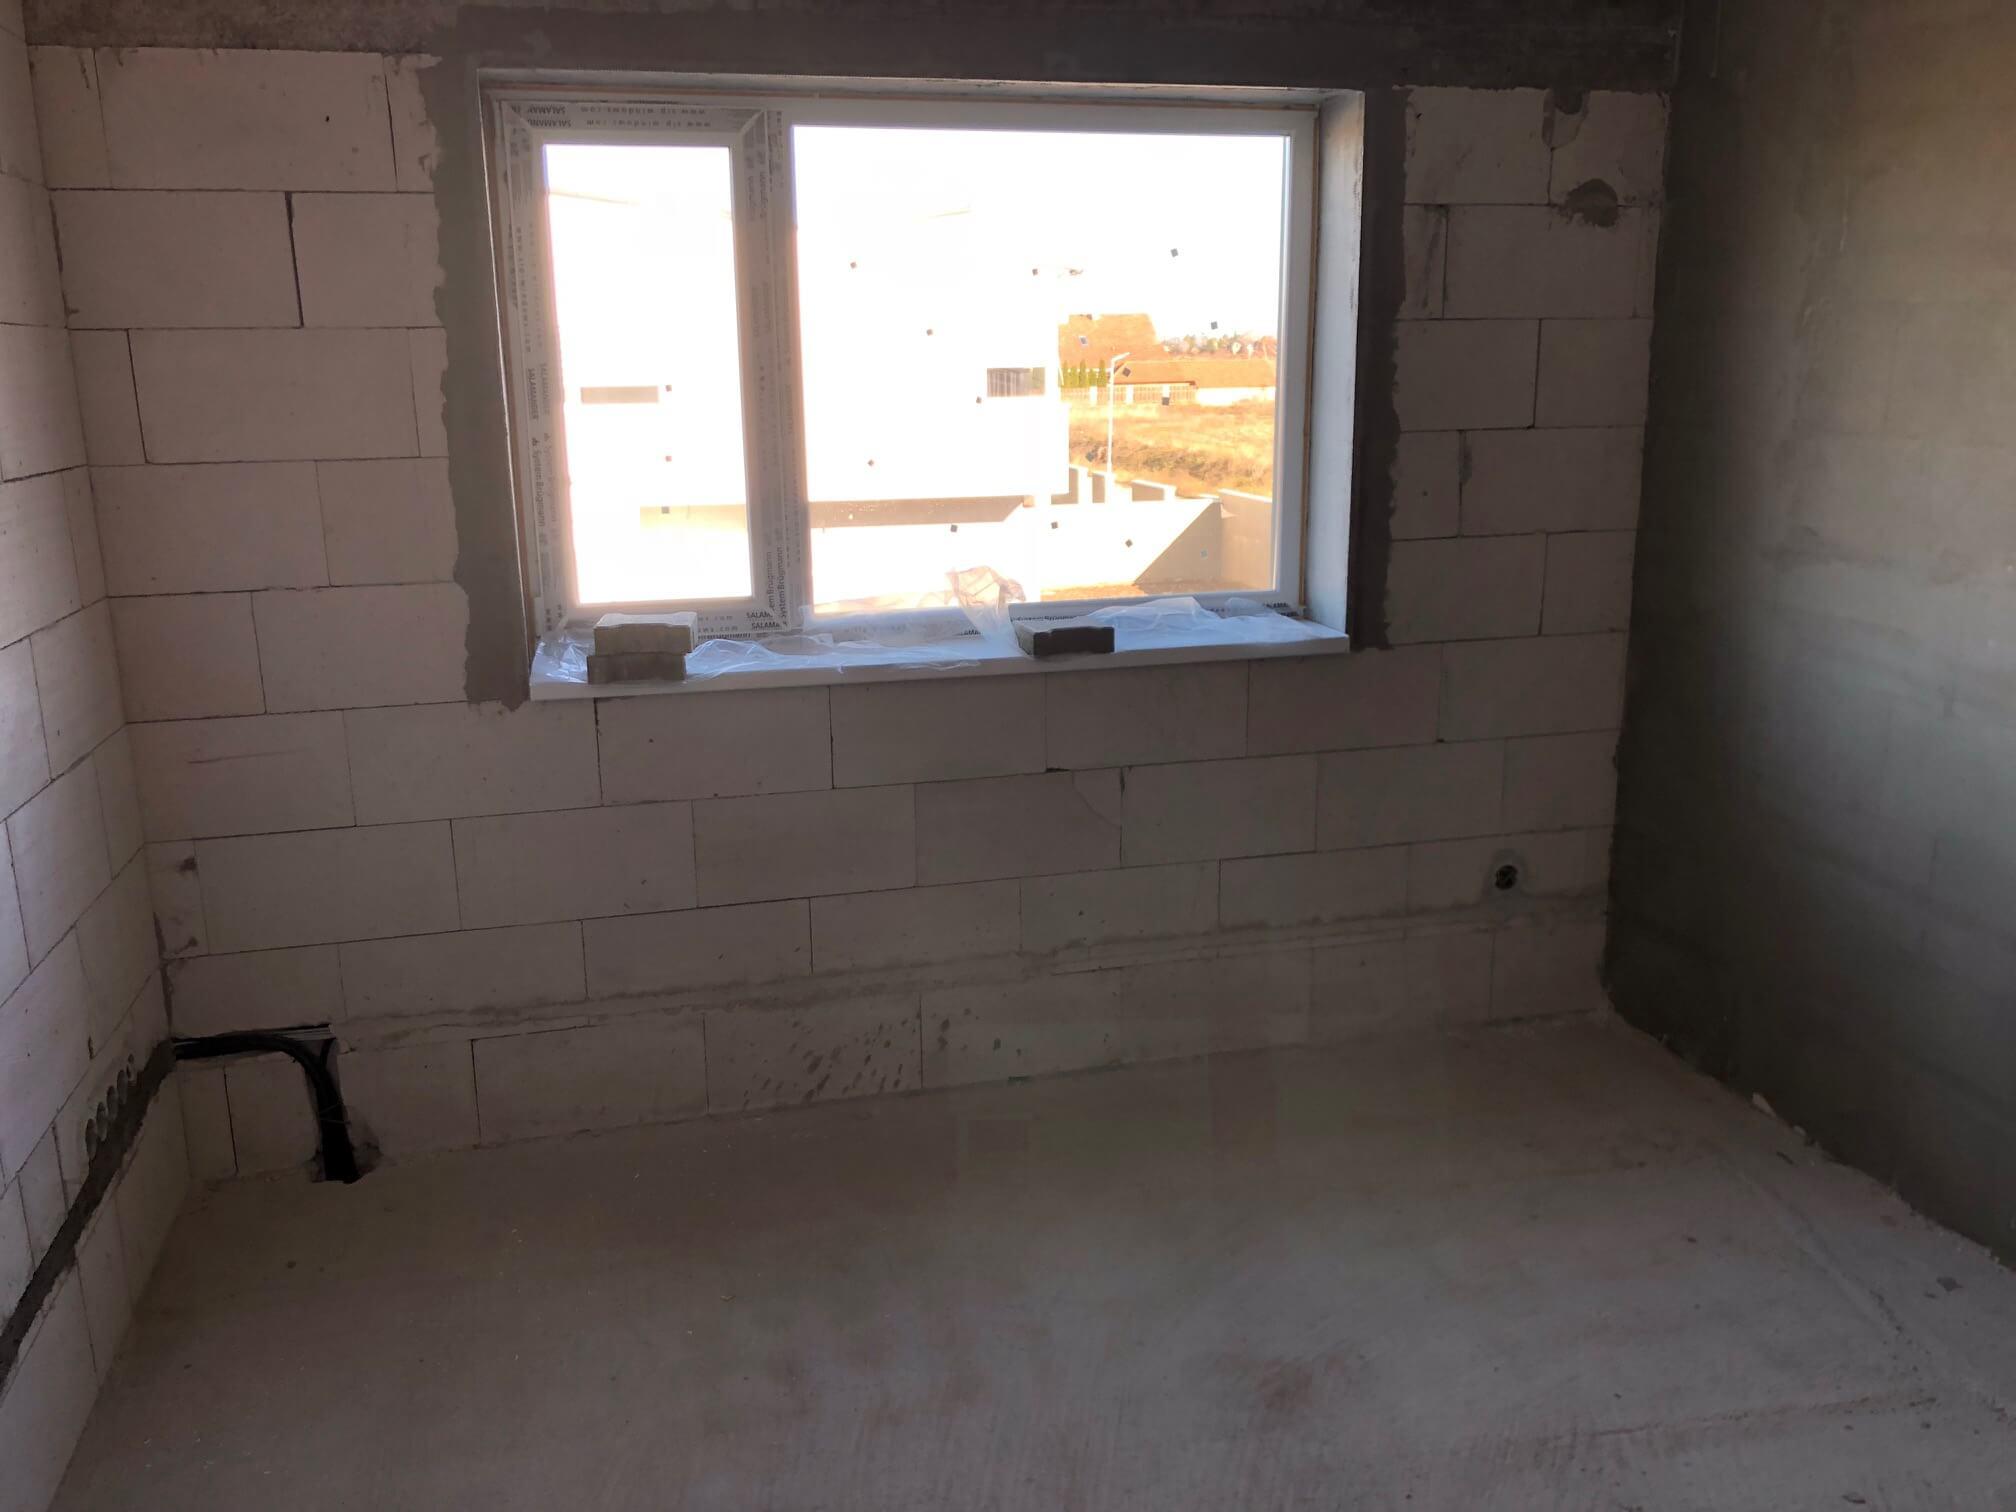 Predané: RD s 2 bytovými jednotkami, Novostavba v Dunajskej Lužnej, 2X: 4 izbový,pozemok 422m2,úžitkova 106m2-37